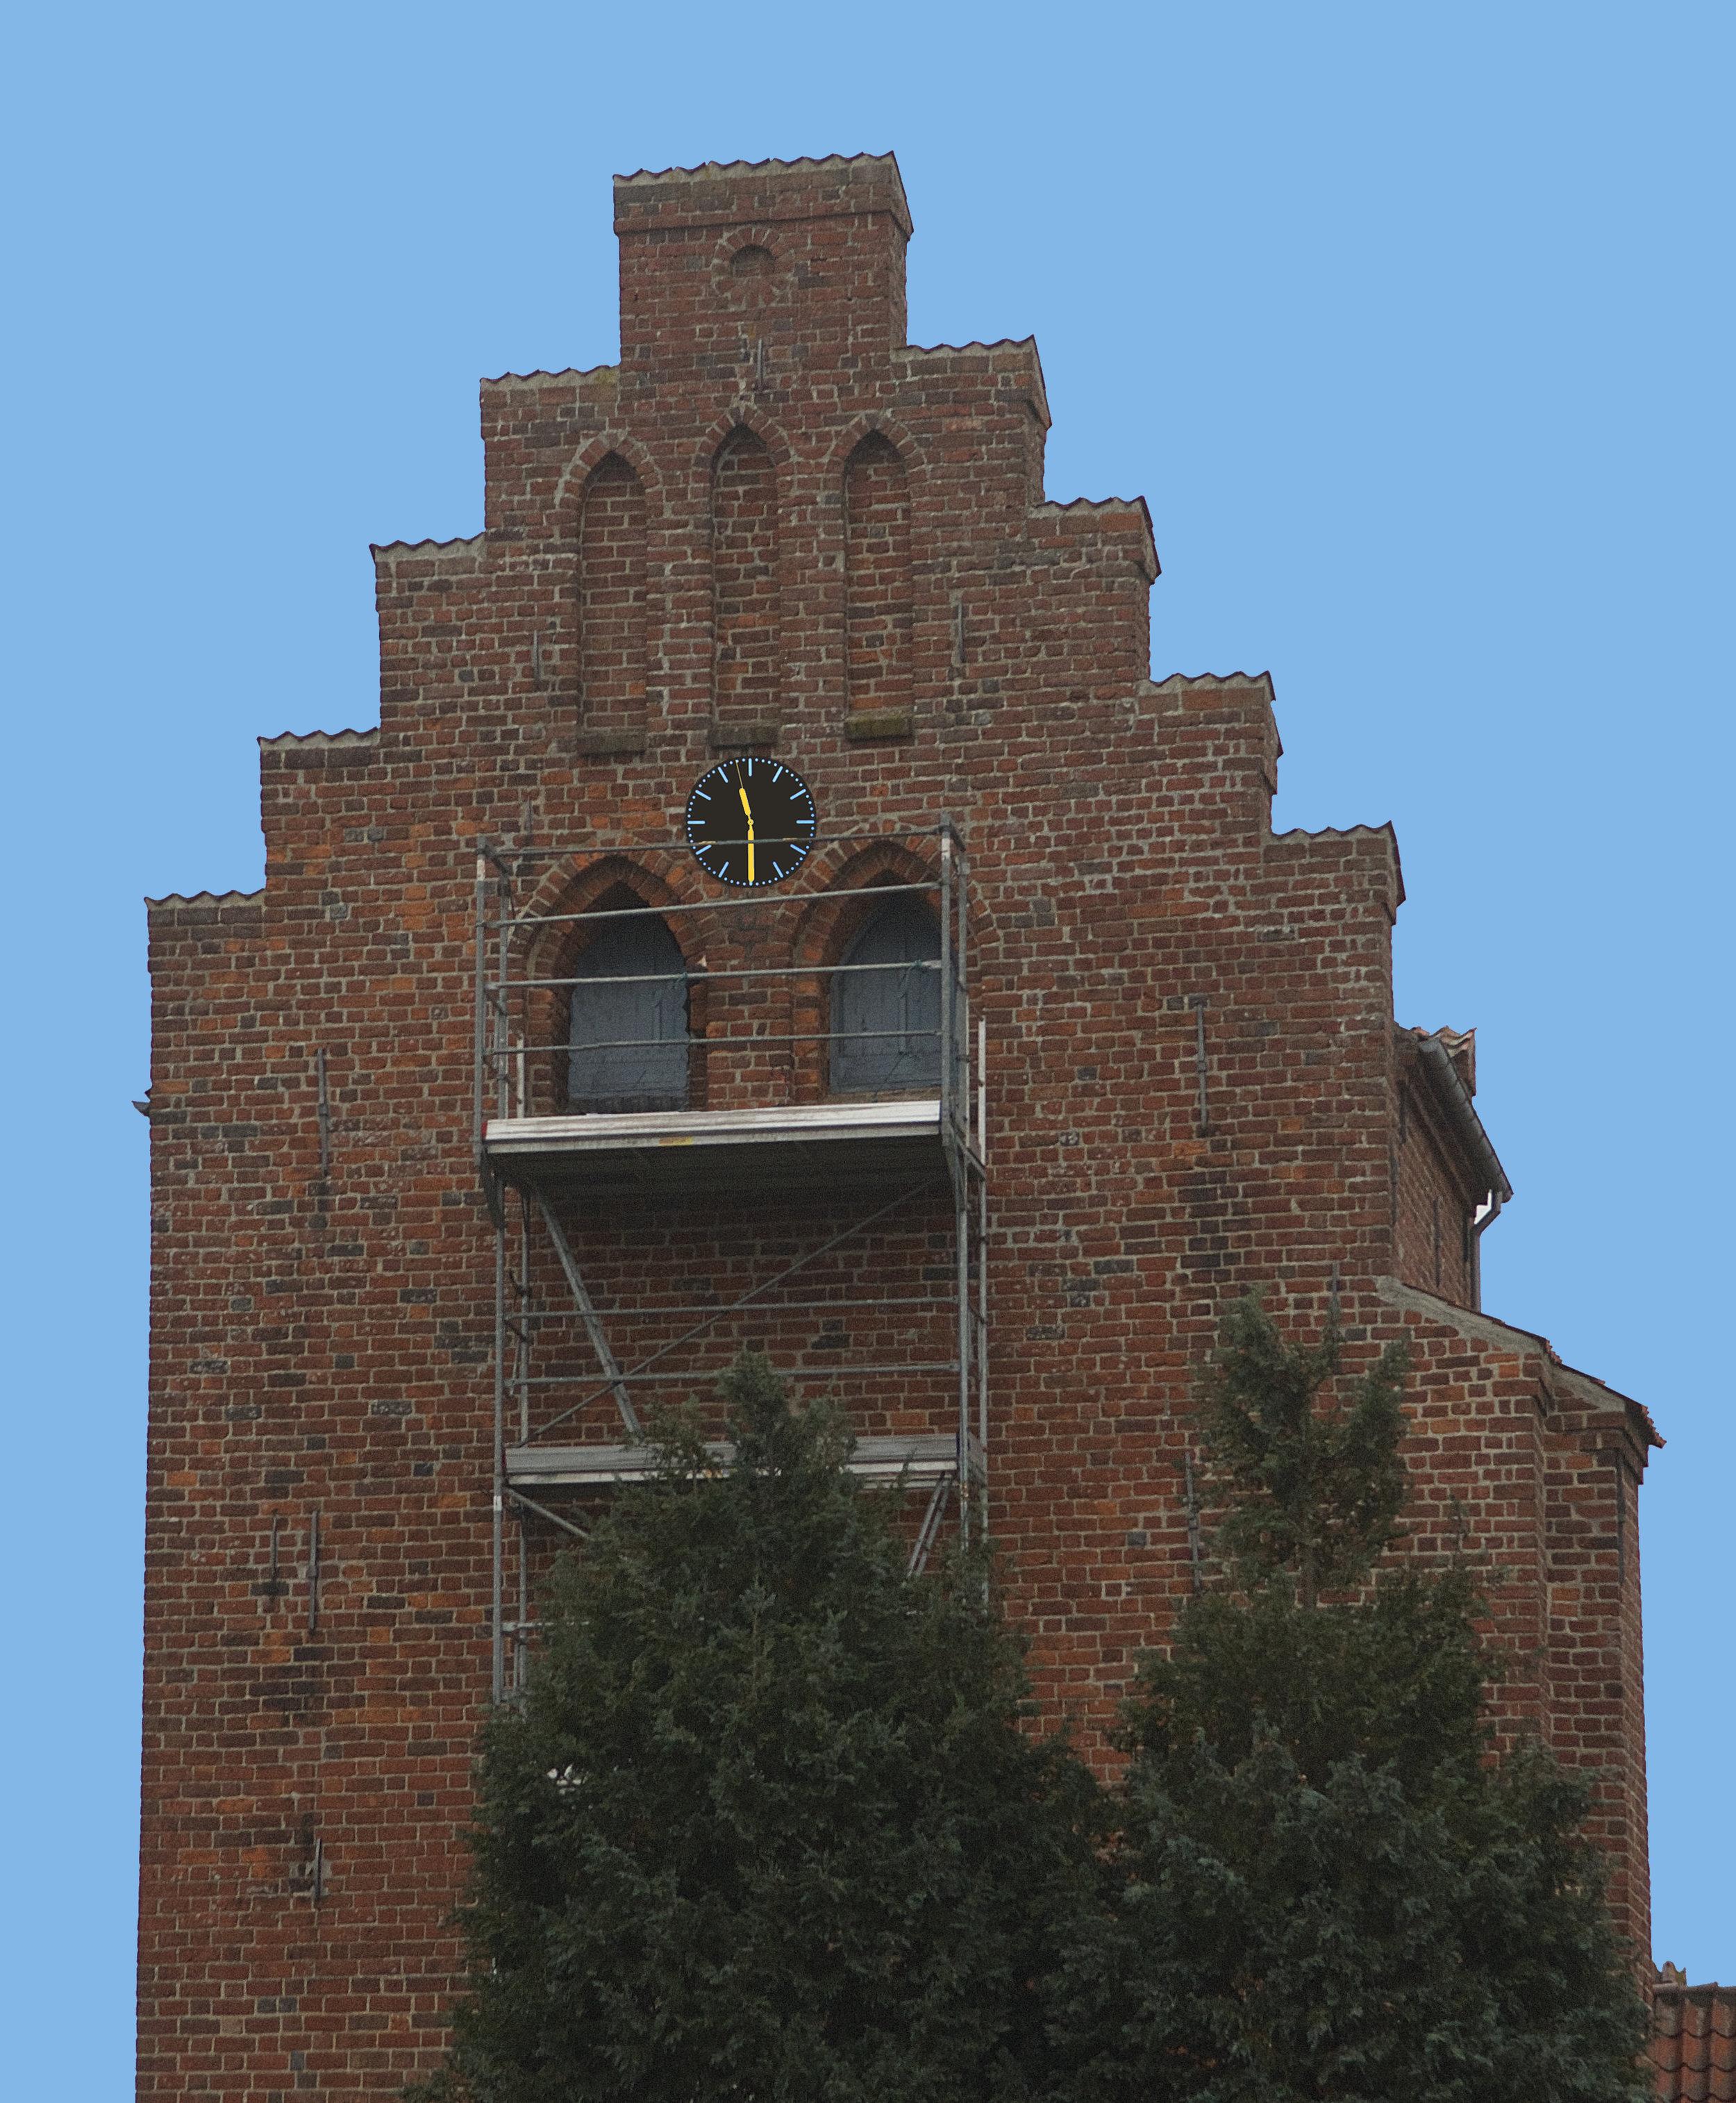 Flere borgere har spurgt, hvorfor der var stillet stillads op ved kirketårnets gavl - men udskiftningen af uret giver nu forklaringen. Foto: AOB